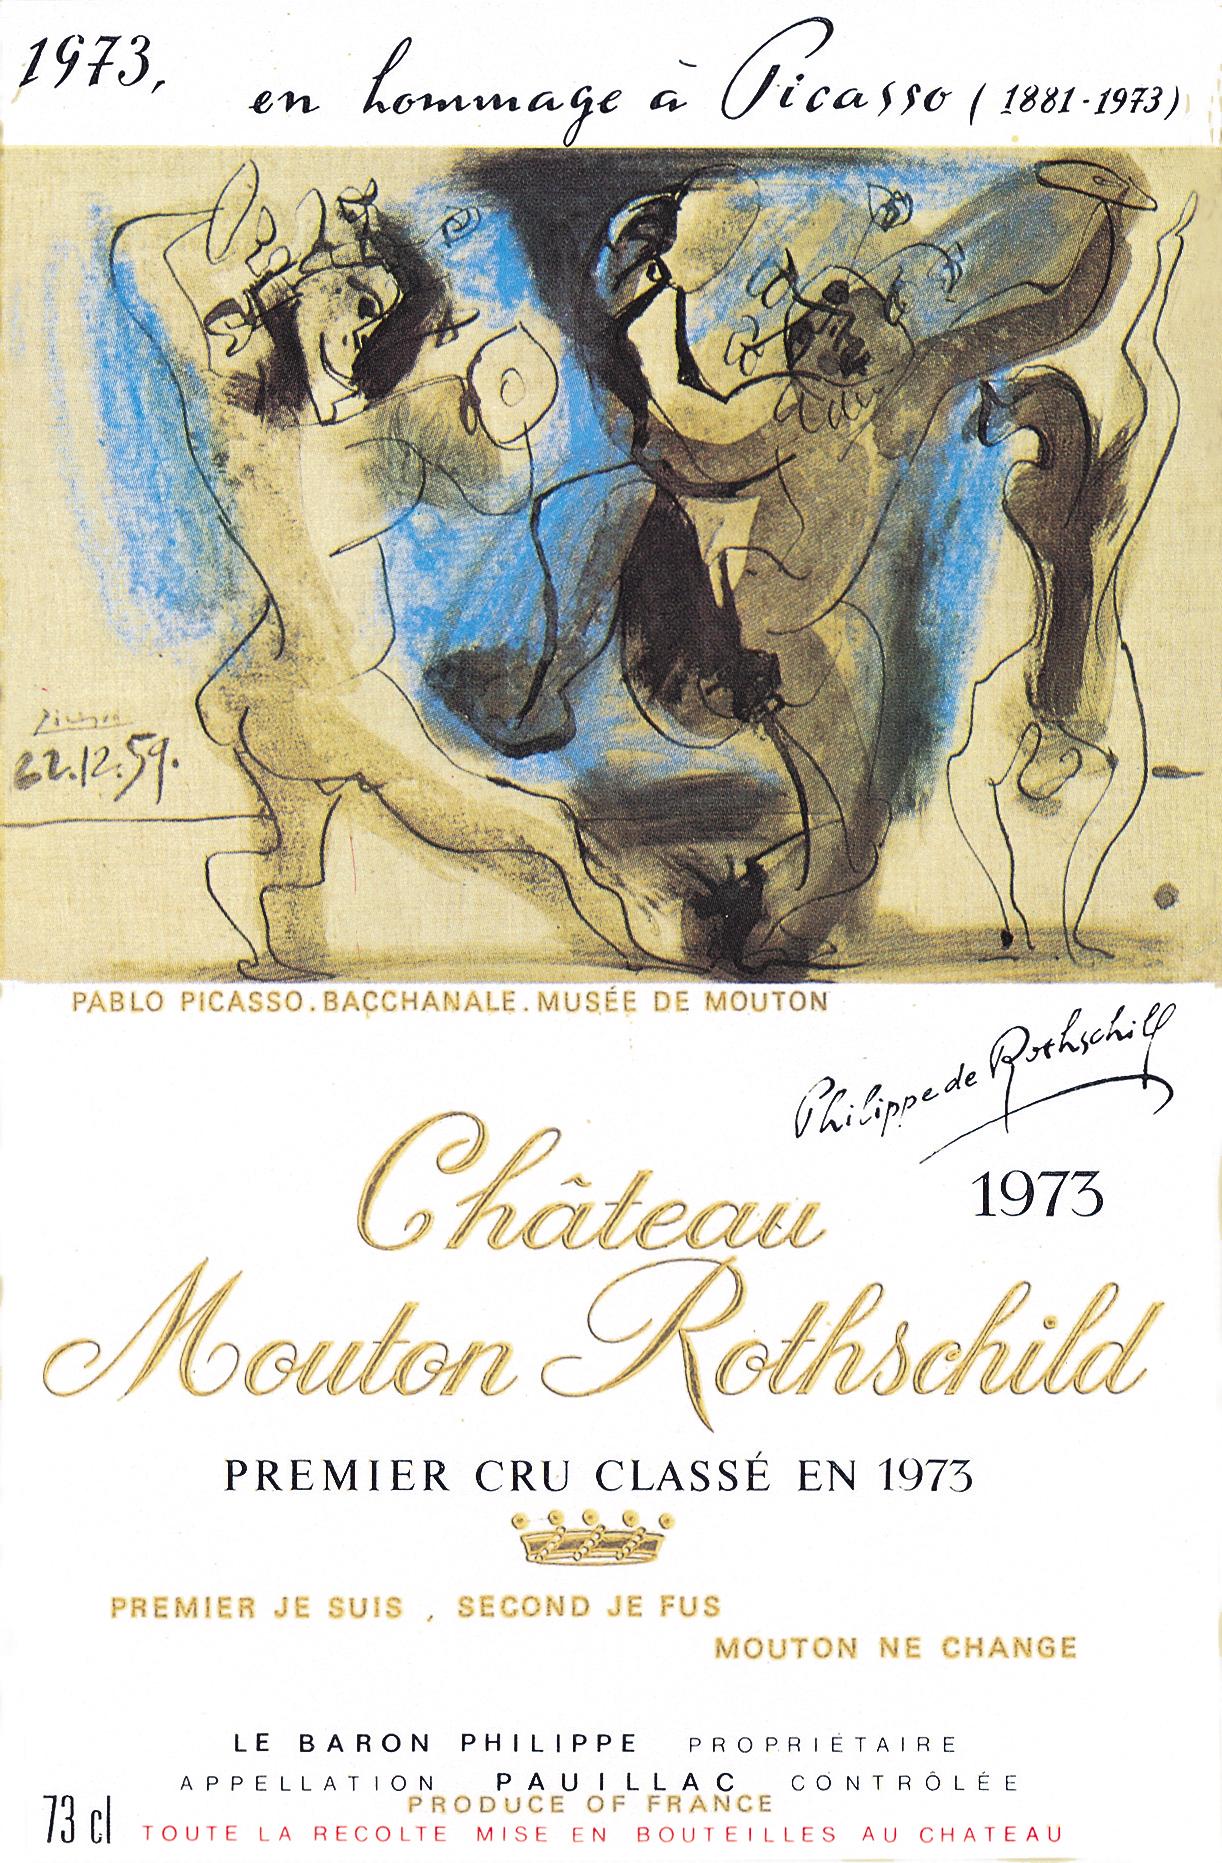 Le millésime 1973 par Pablo Picasso